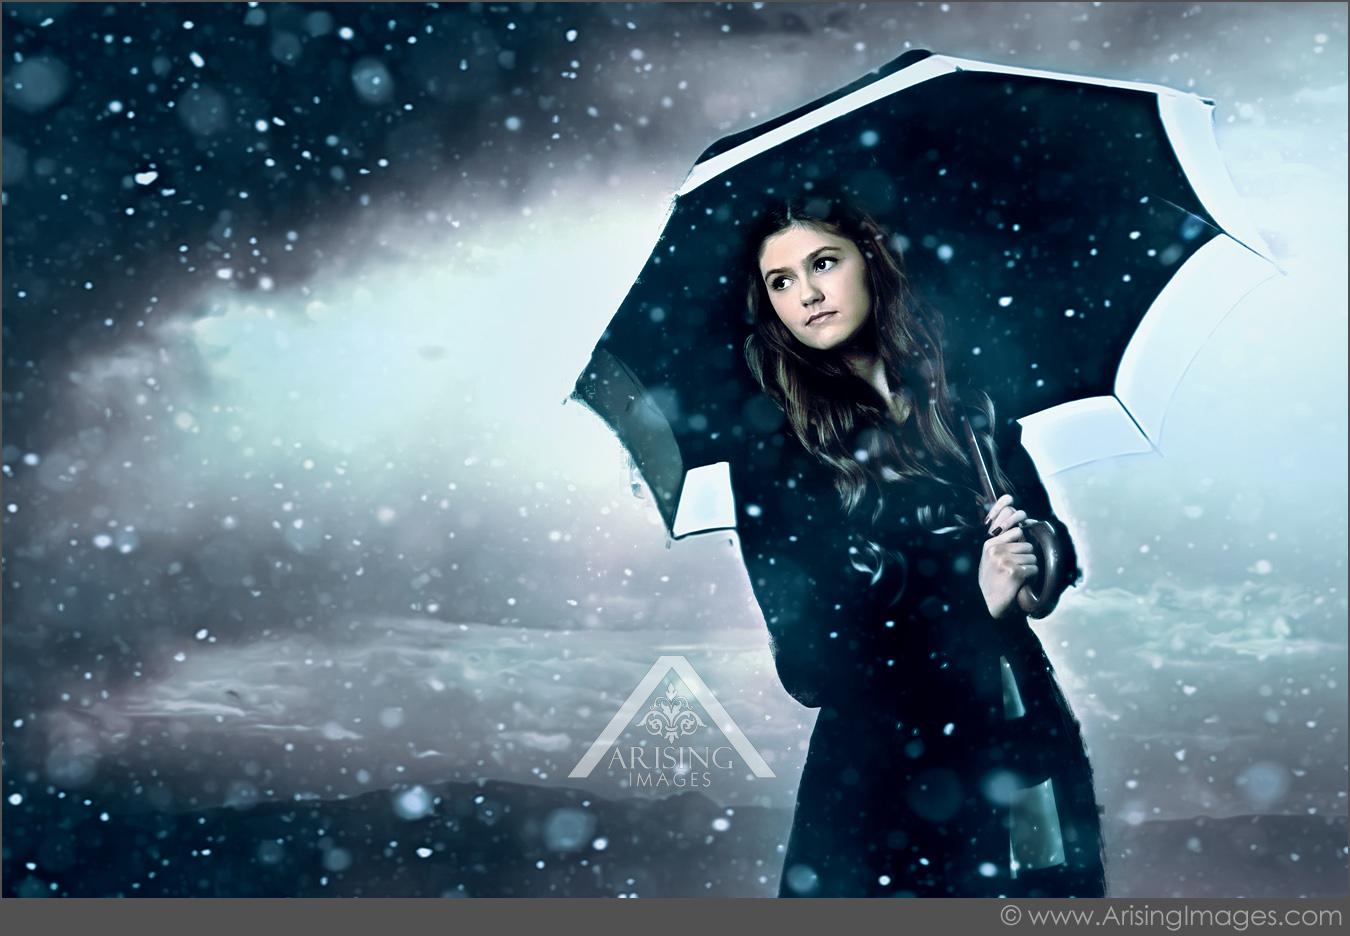 michigan cool rain senior pictures with umbrella